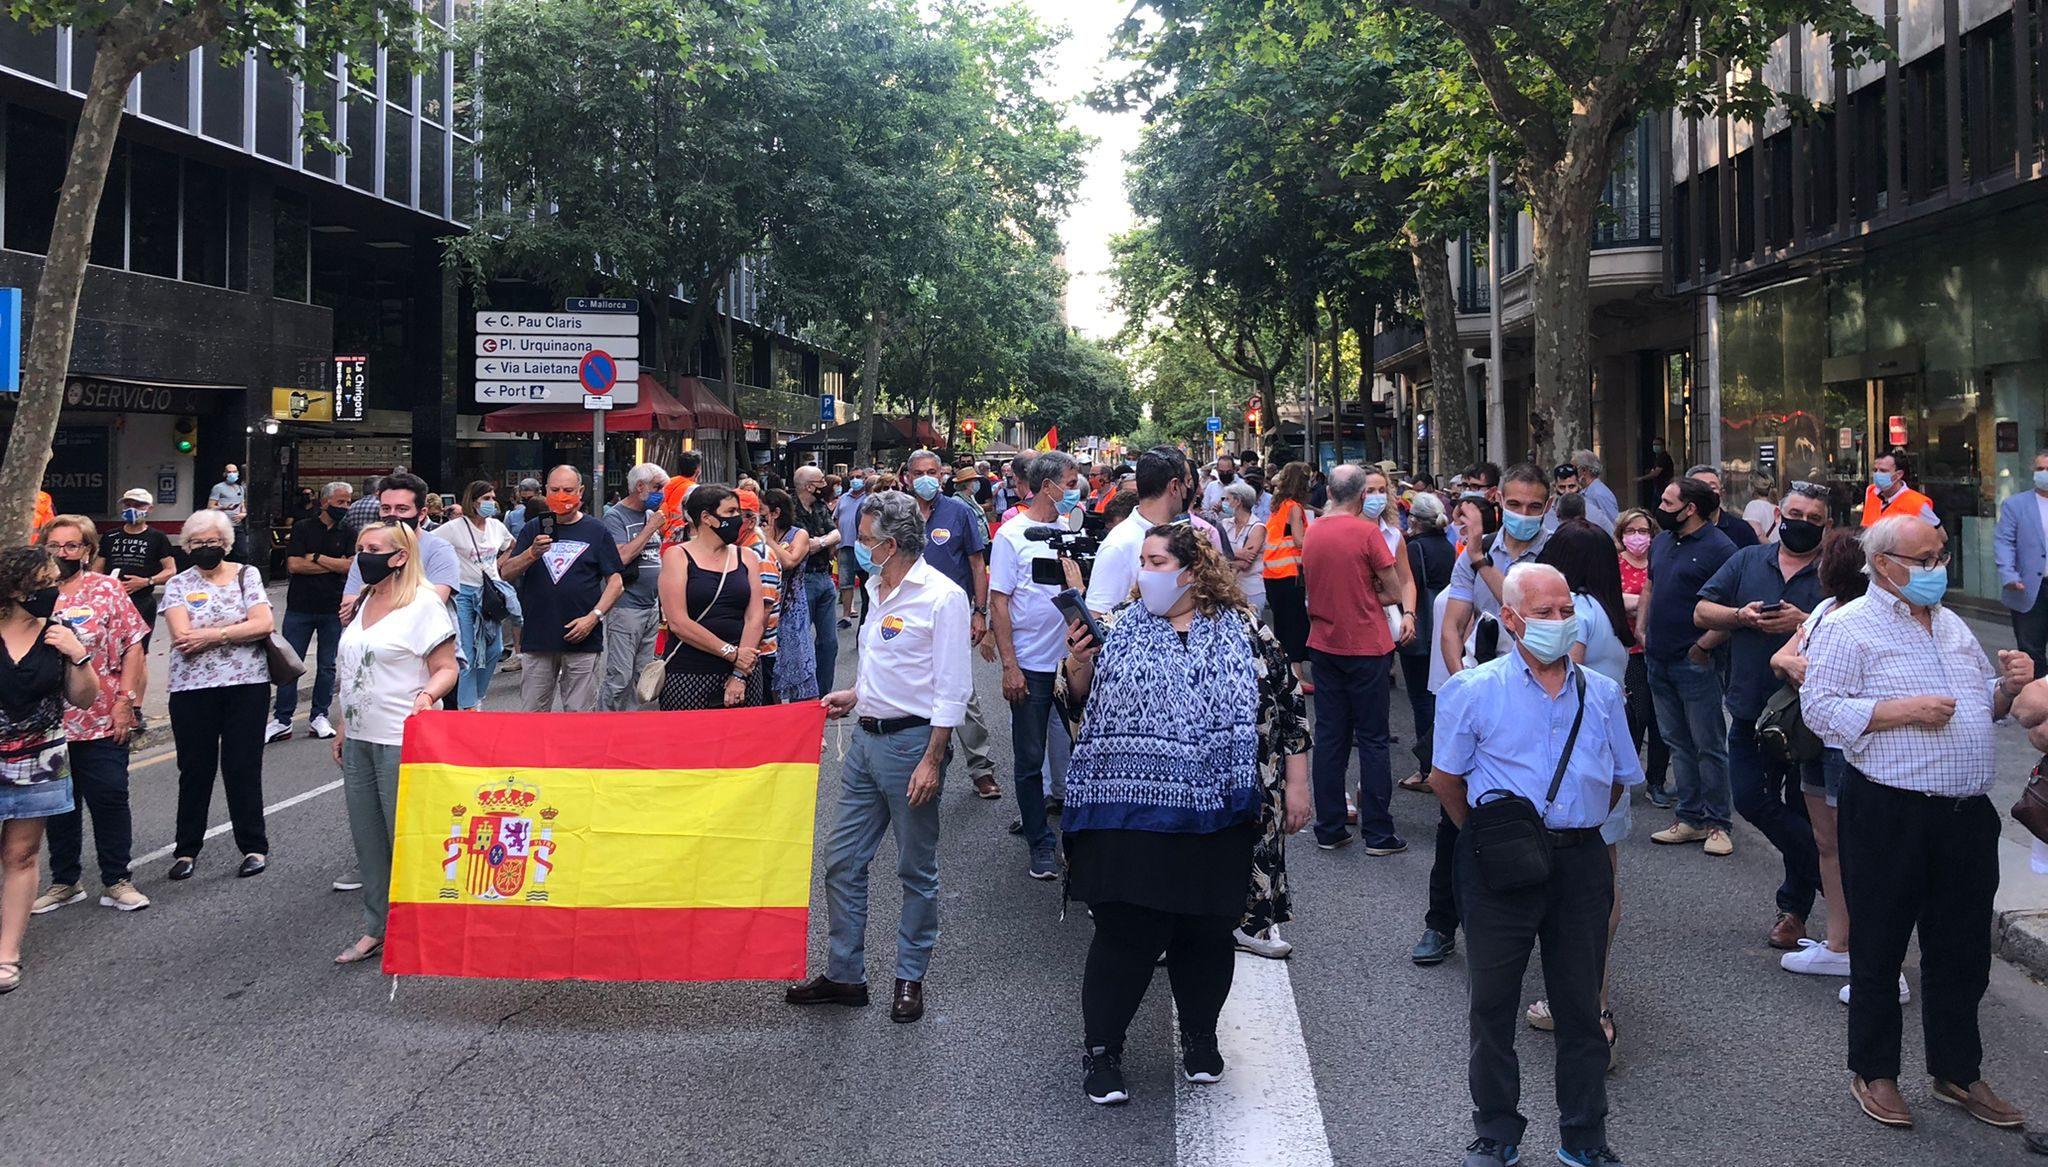 La concentració de Cs contra els indults, davant de la delegació del govern espanyol / I.N.